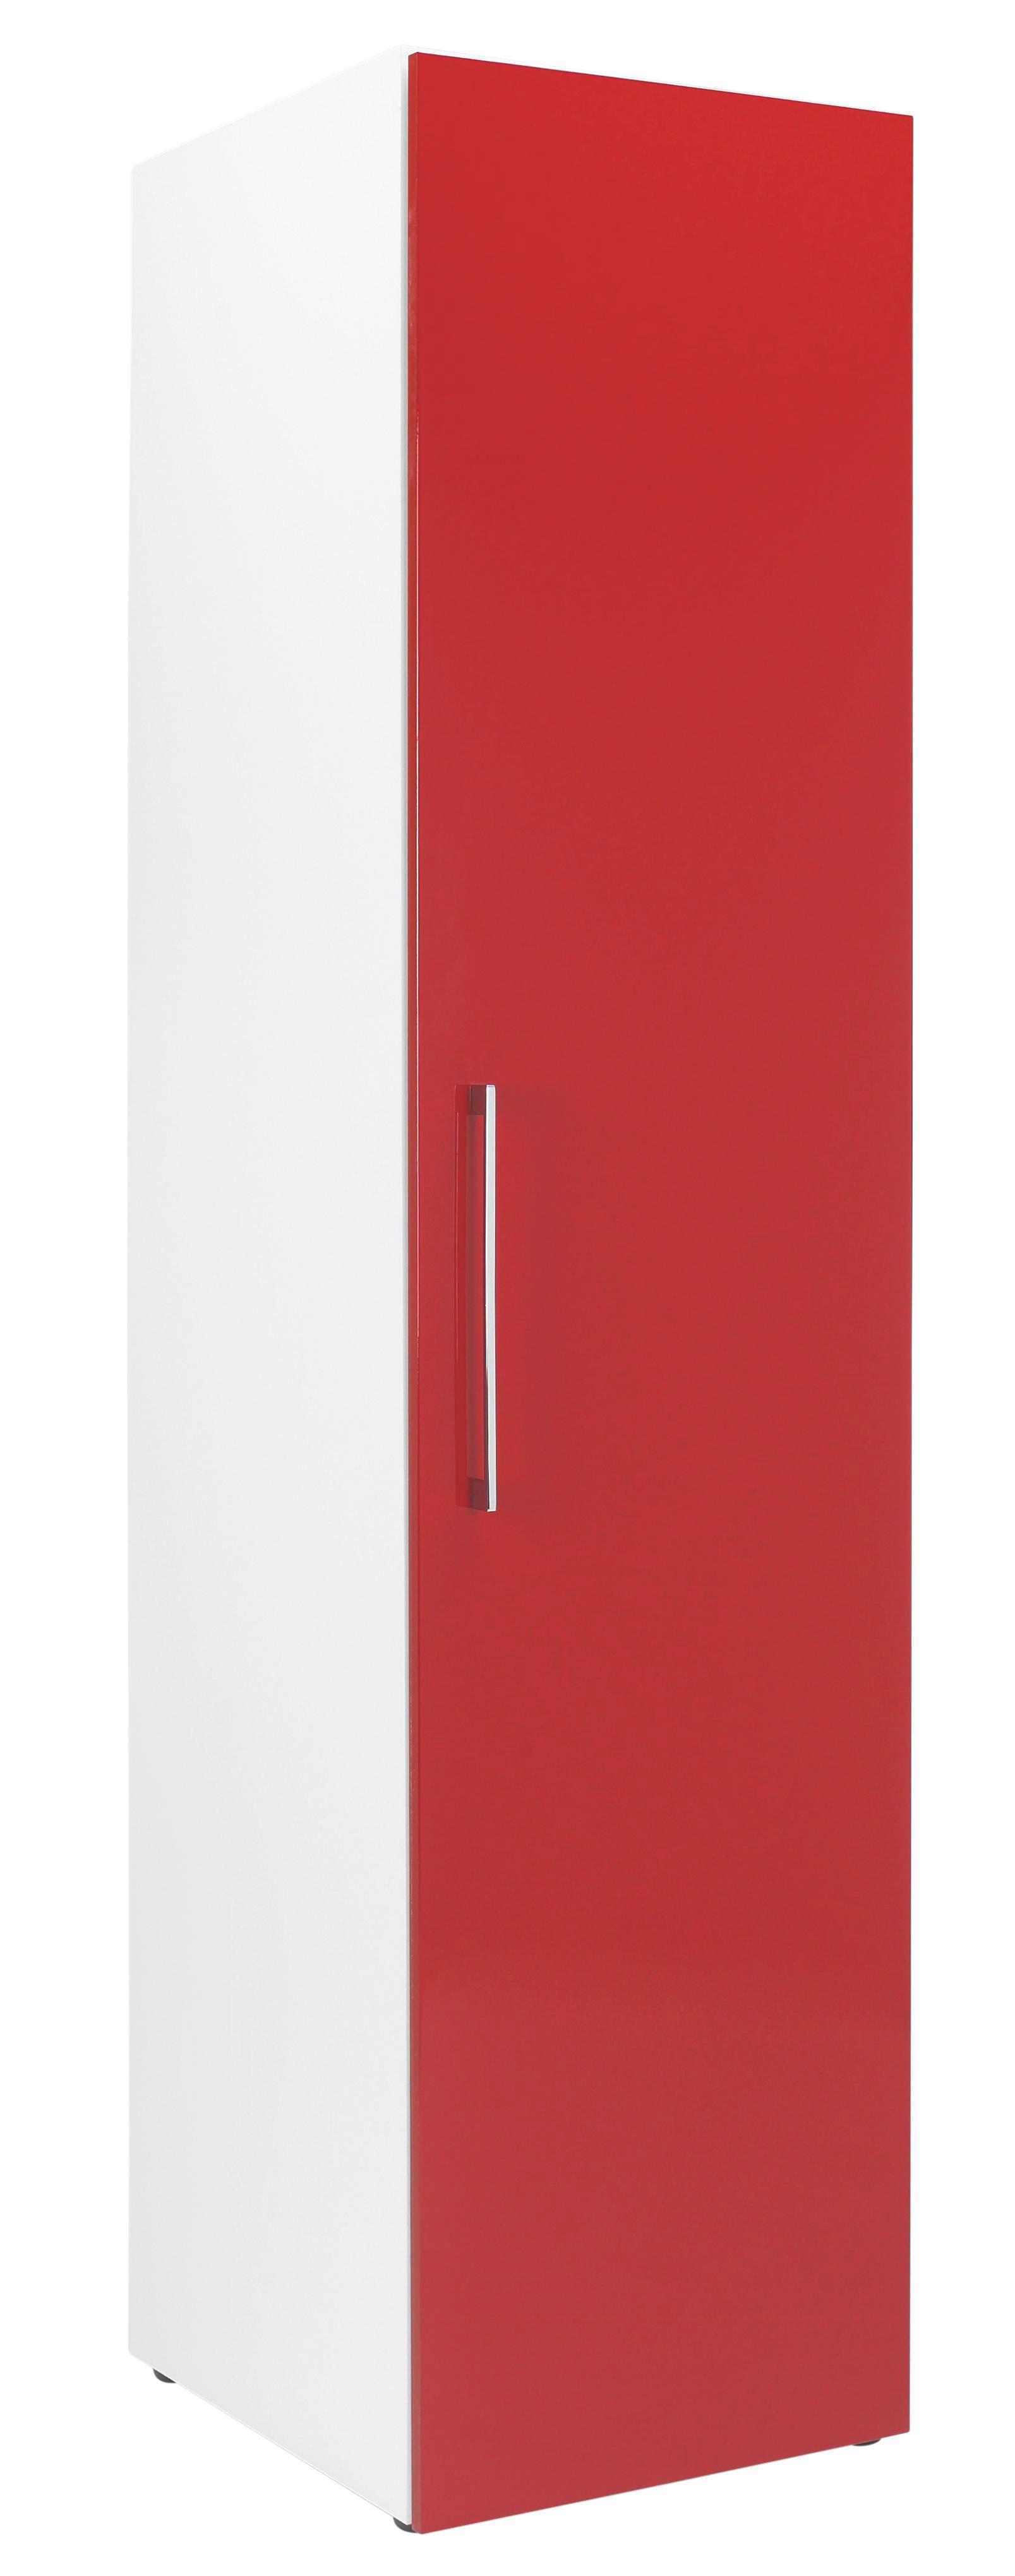 KLEIDERSCHRANK in Rot, Weiß - Chromfarben/Rot, Design, Holzwerkstoff/Metall (50/208/57cm) - WELNOVA